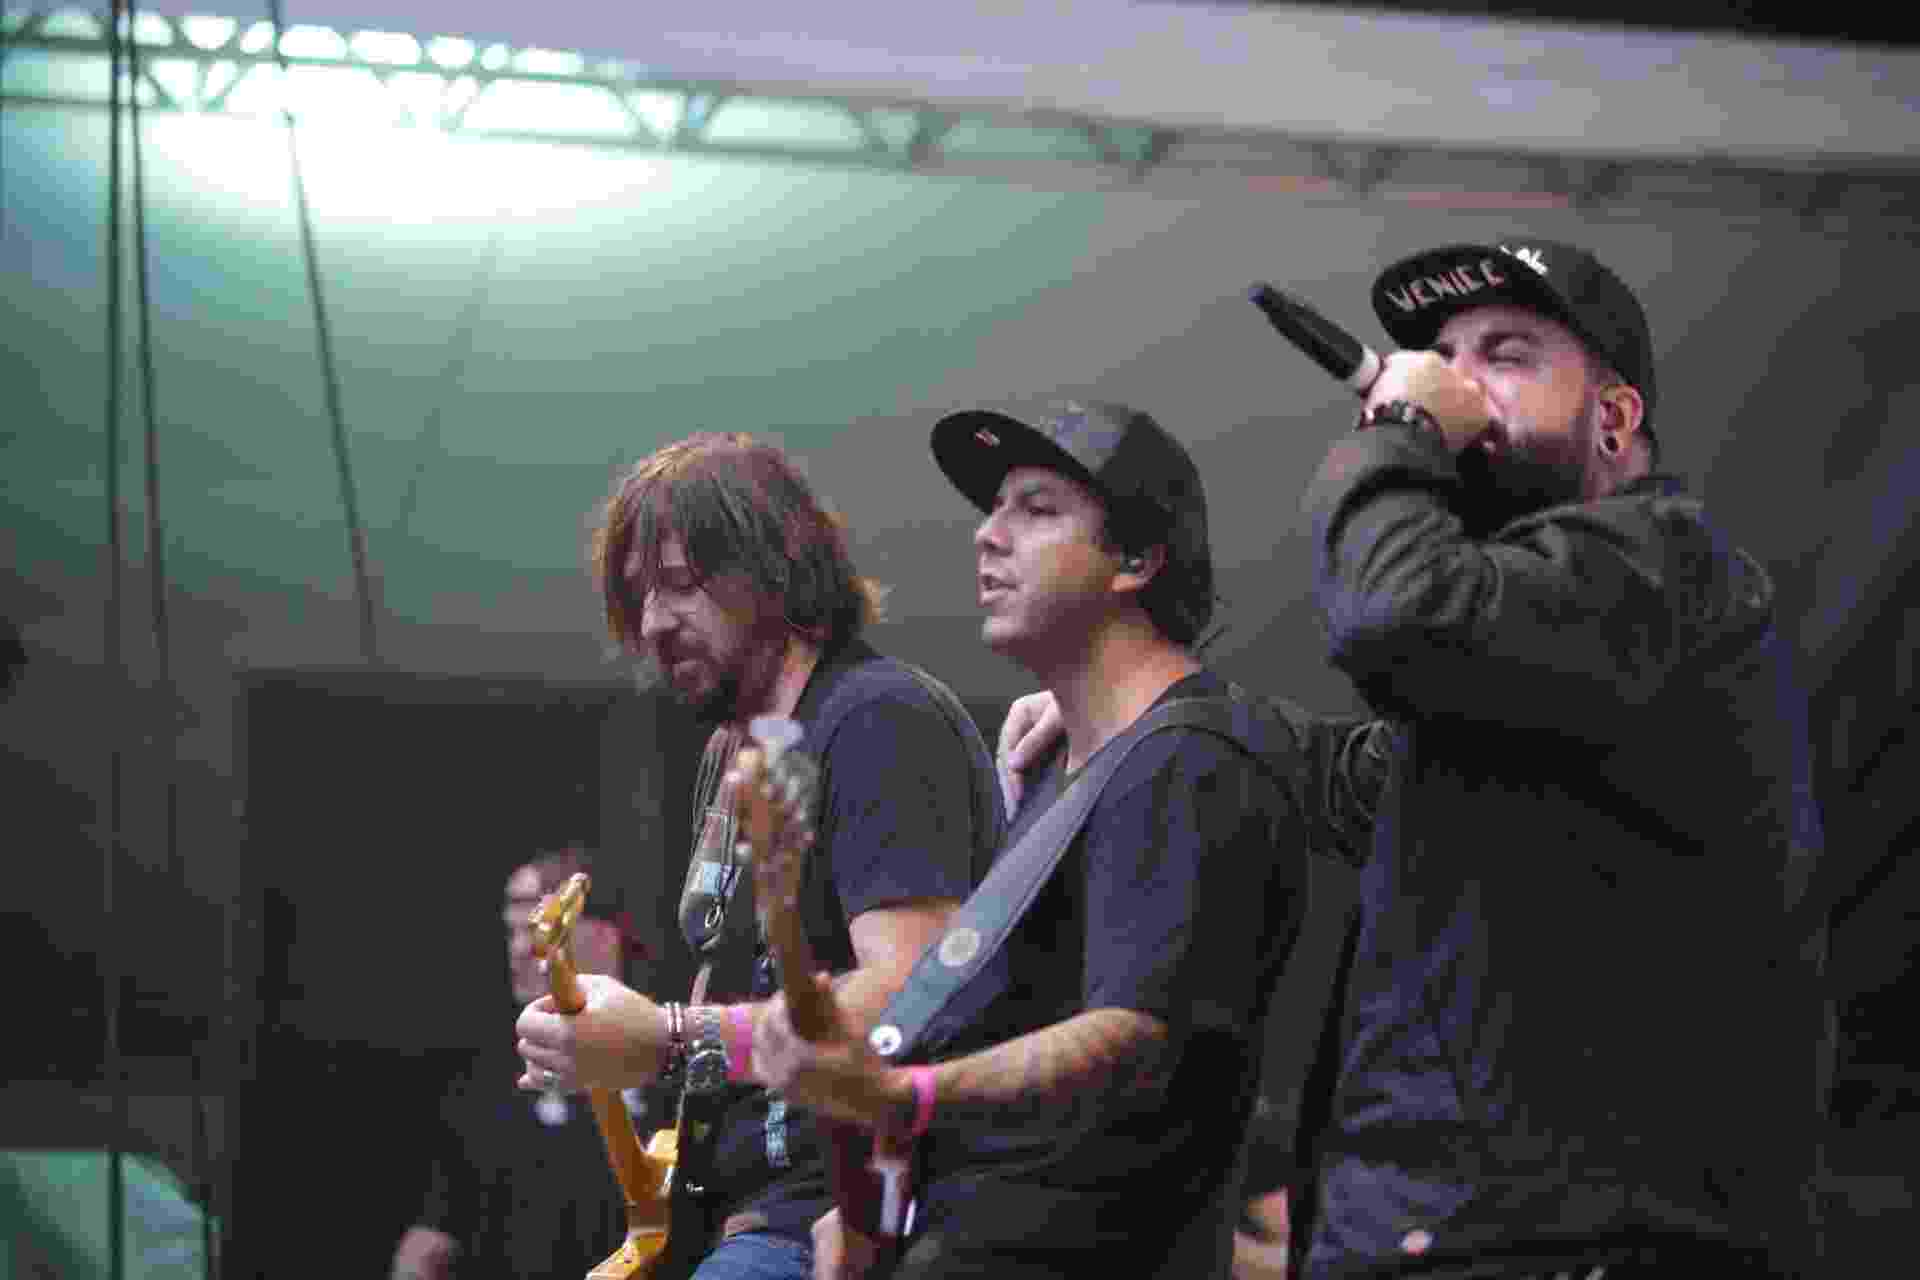 O guitarrista Marcão, o baixista Heitor e o vocalista Panda em show tributo ao Charlie Brown Jr realizado no Vale do Anhangabaú durante o aniversário de São Paulo - Diego Padgurschi/UOL